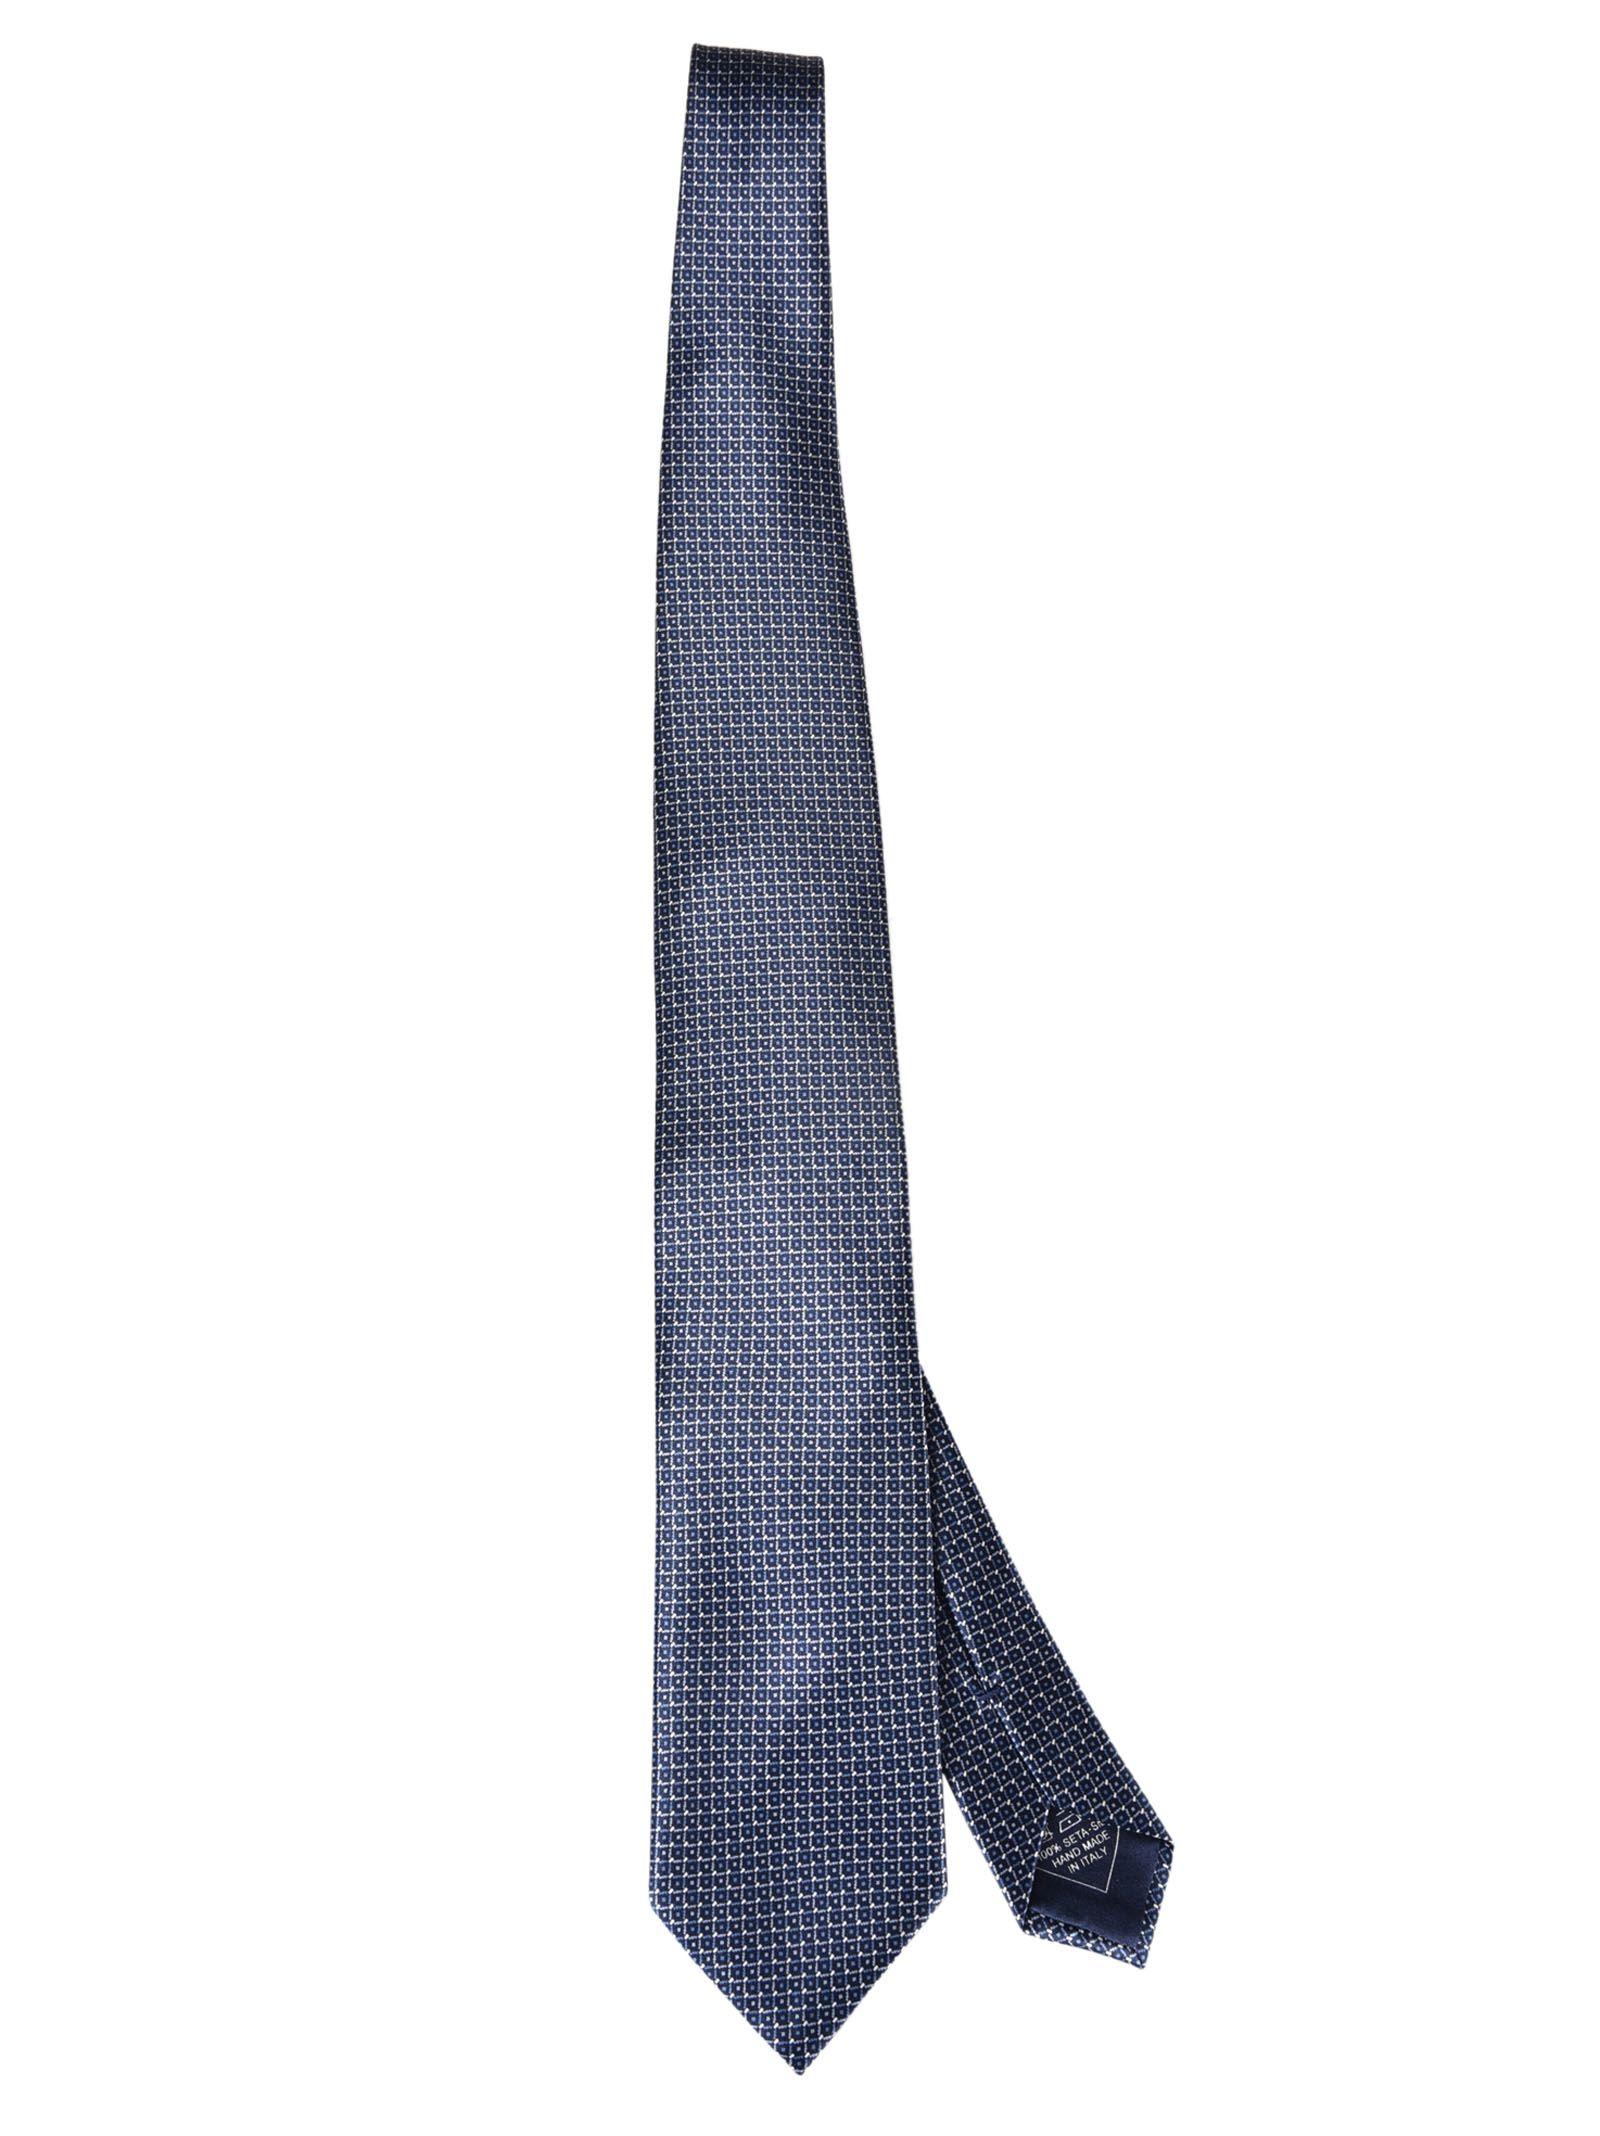 Brioni Pattern Tie